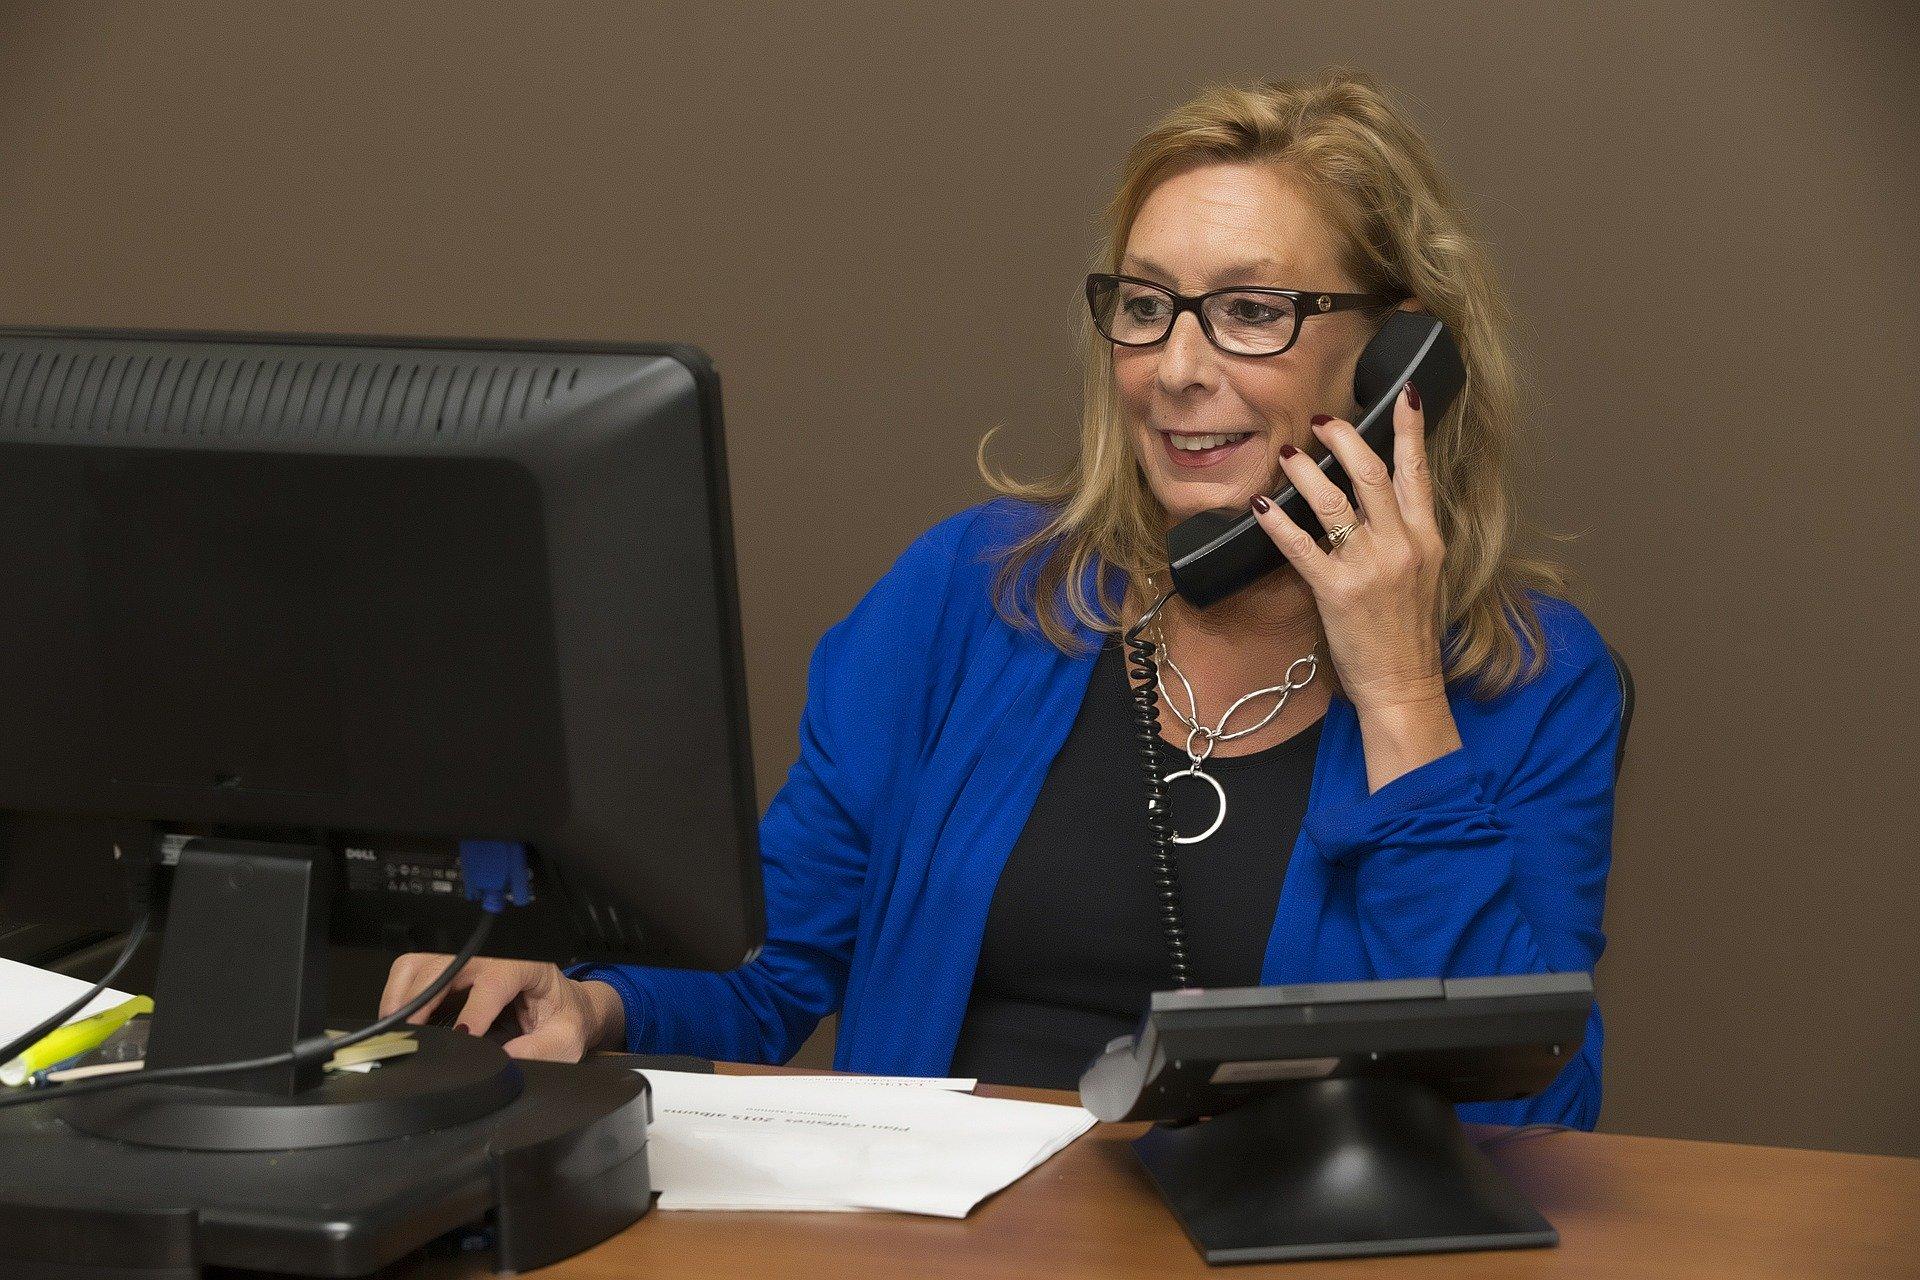 konsultant udziela porady przez telefon